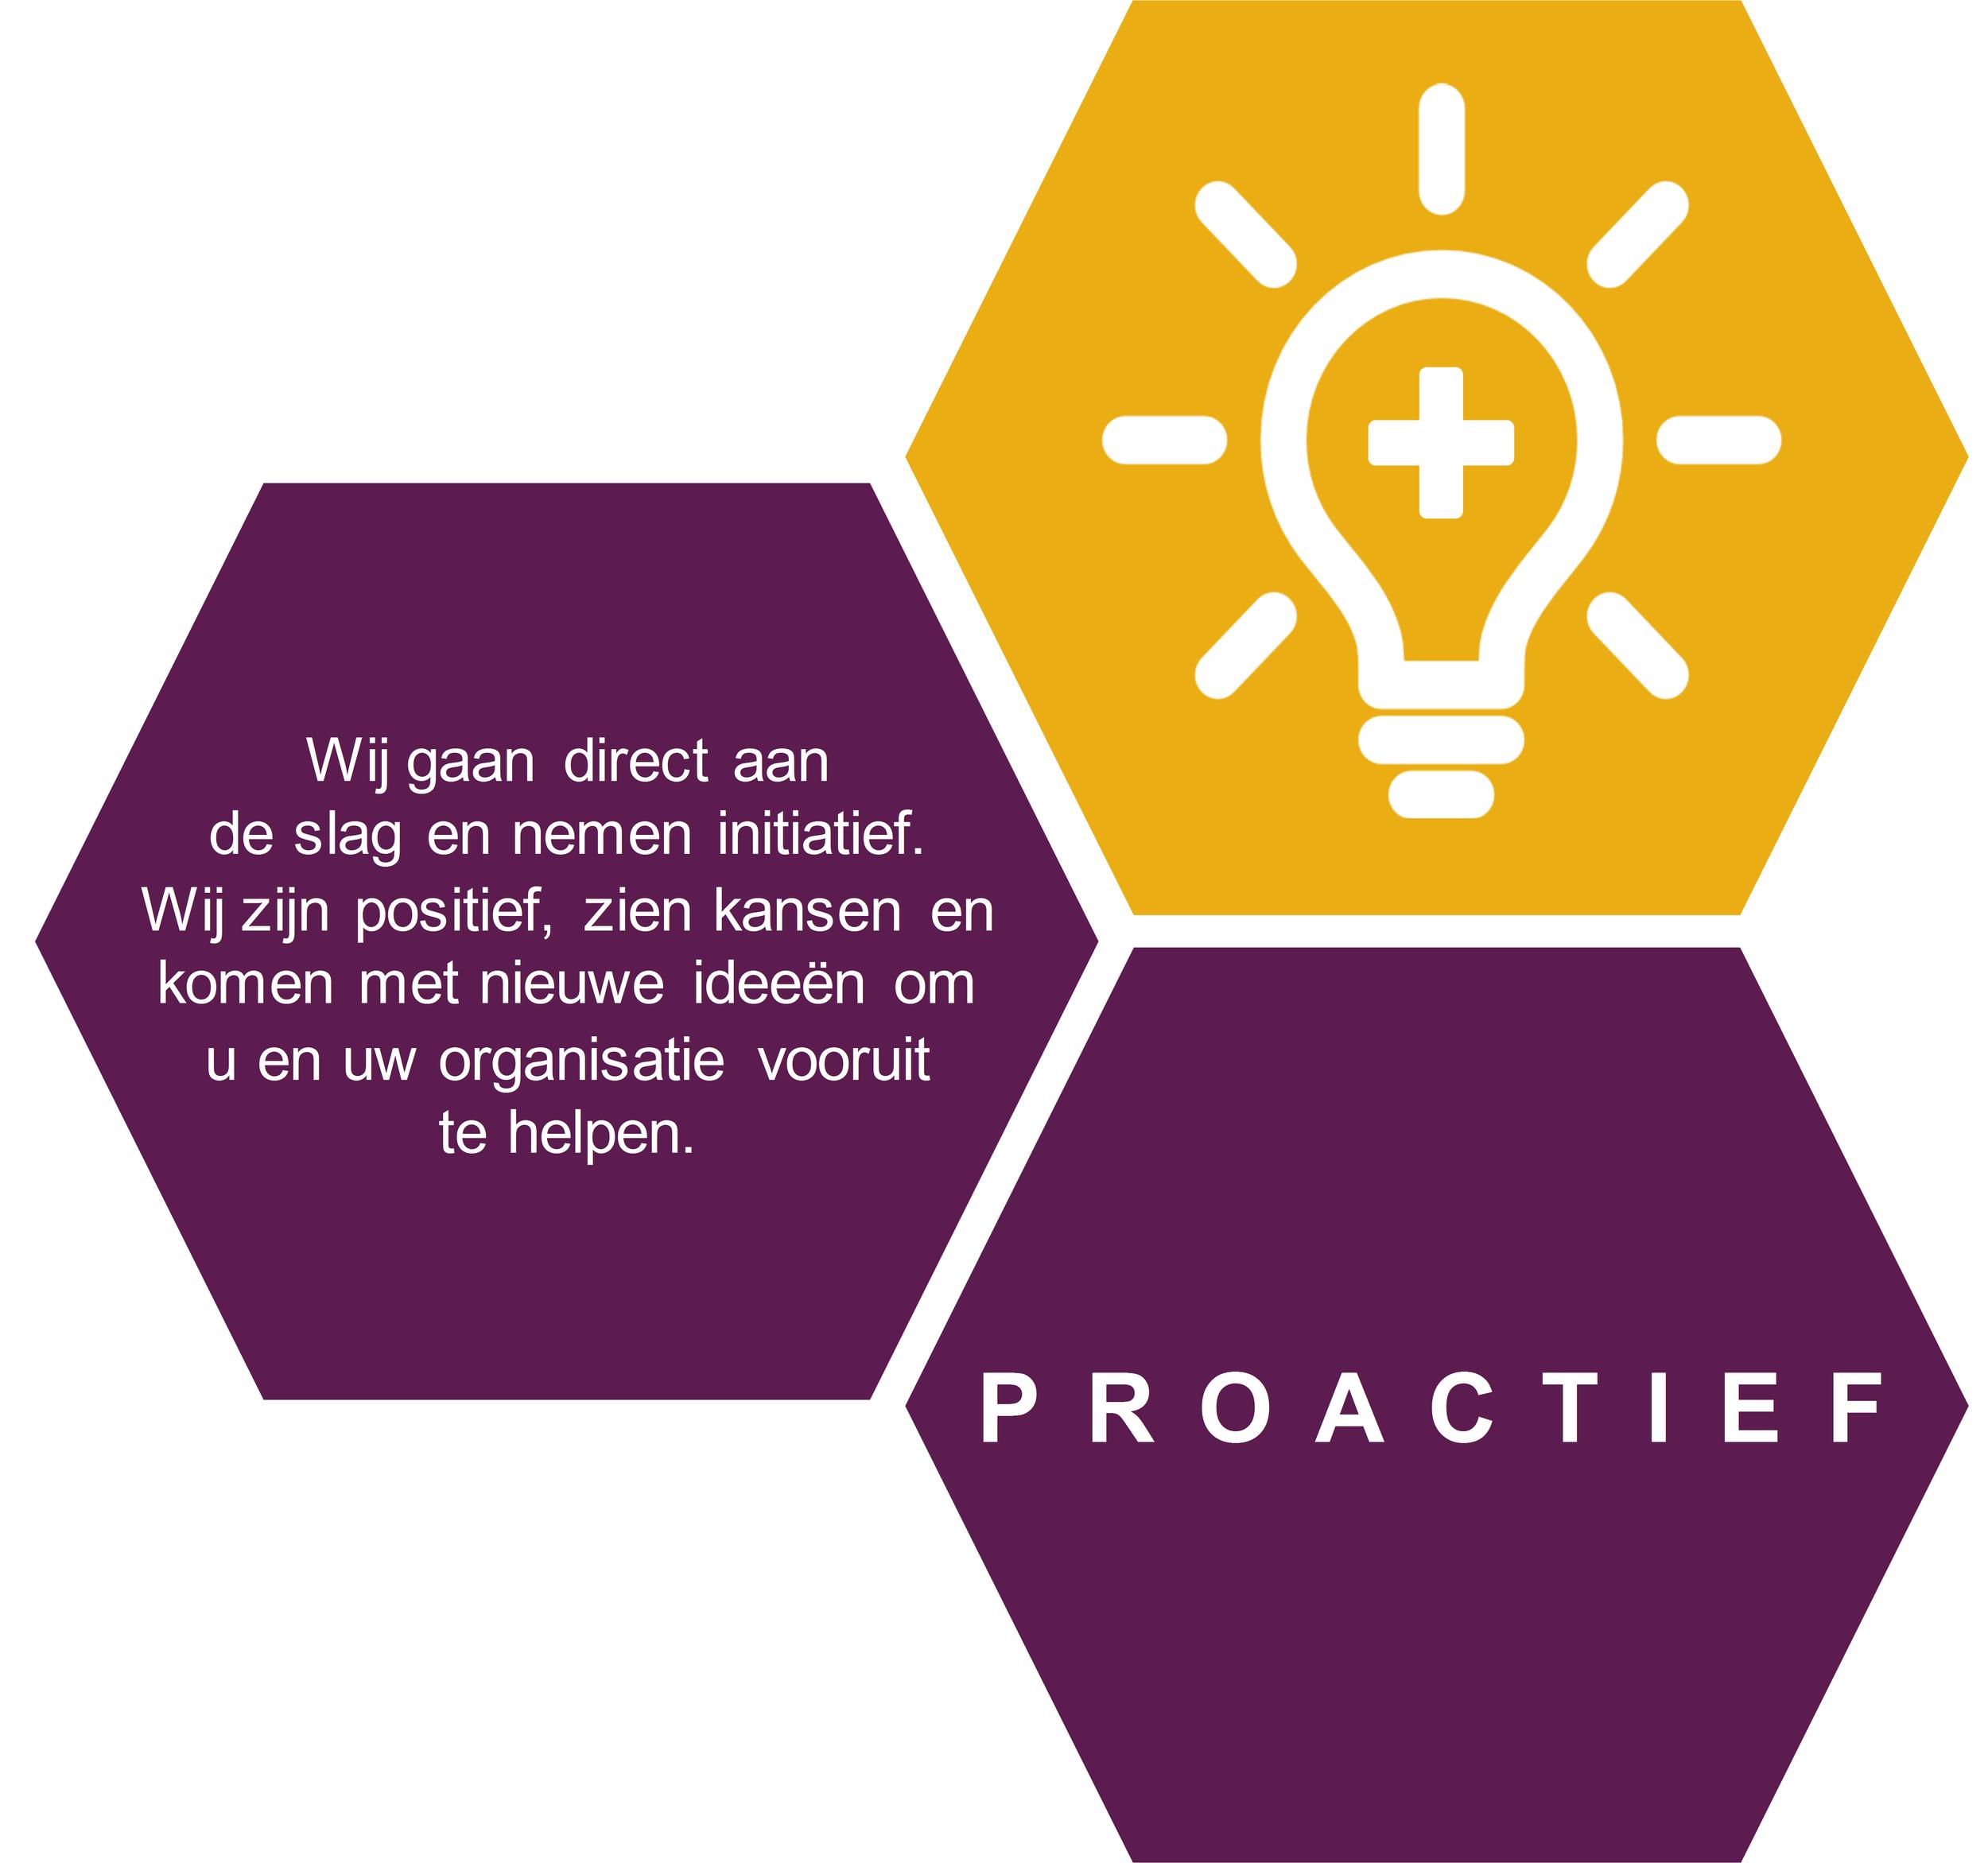 proactief1.png